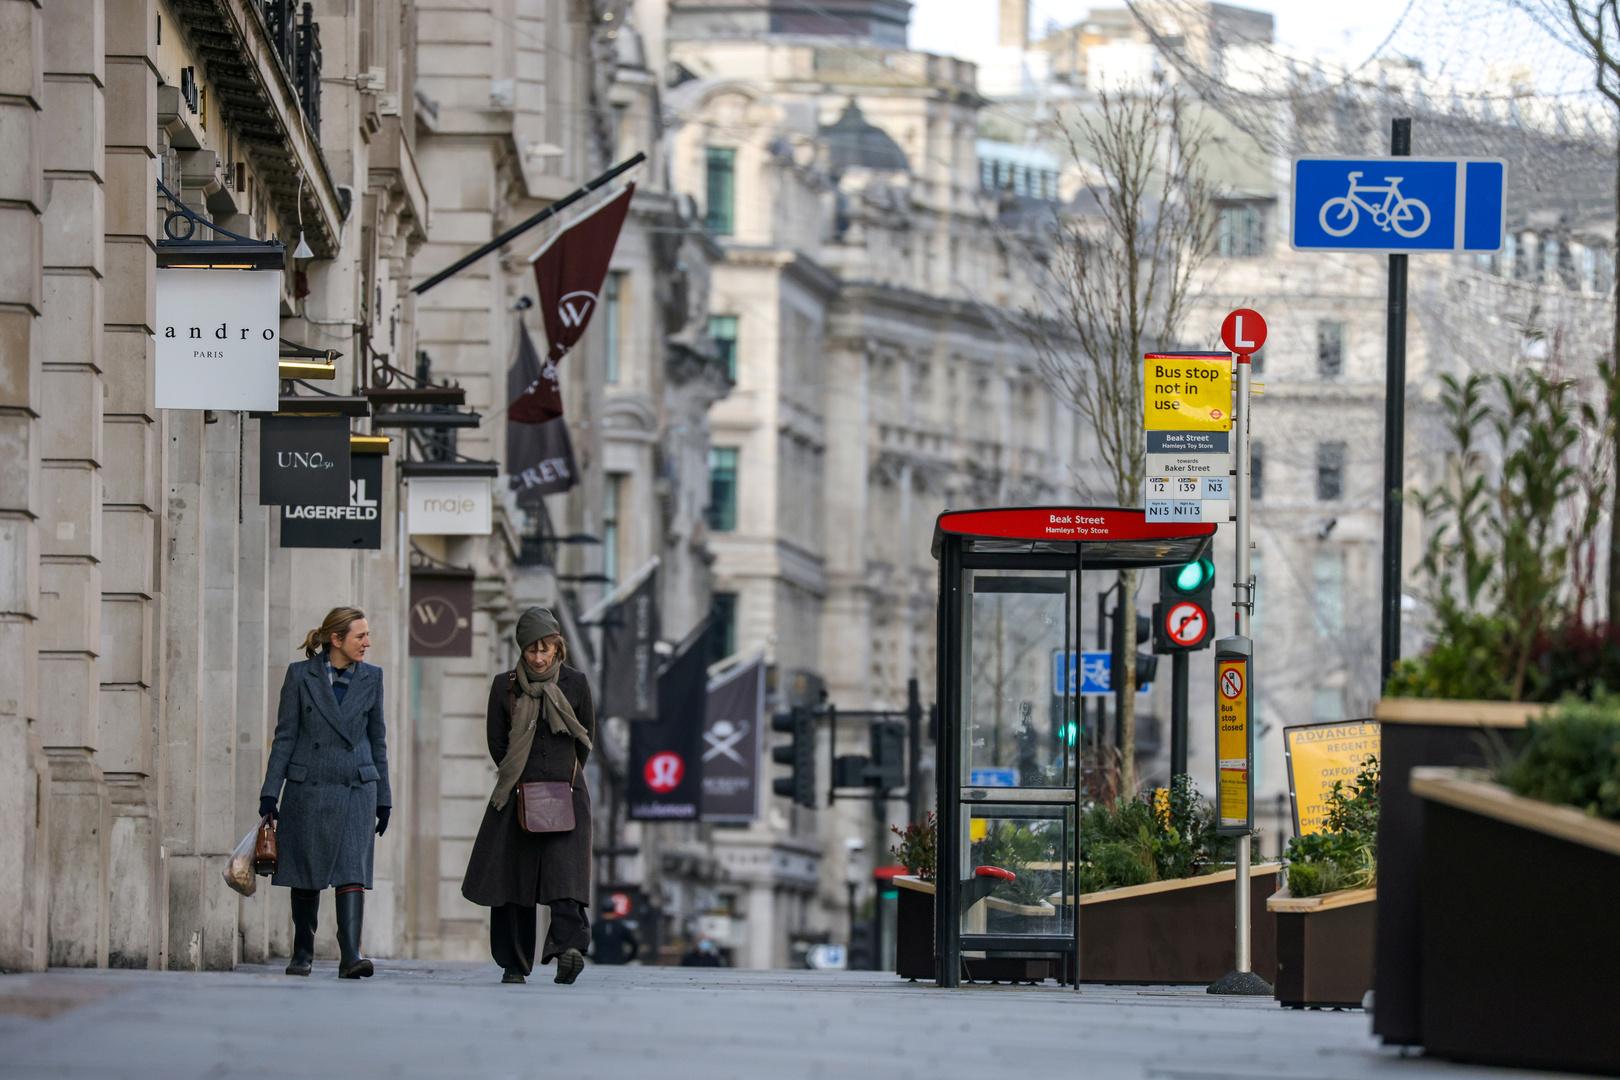 ارتفاع معدل البطالة في المملكة المتحدة 5.1% خلال شهر ديسمبر